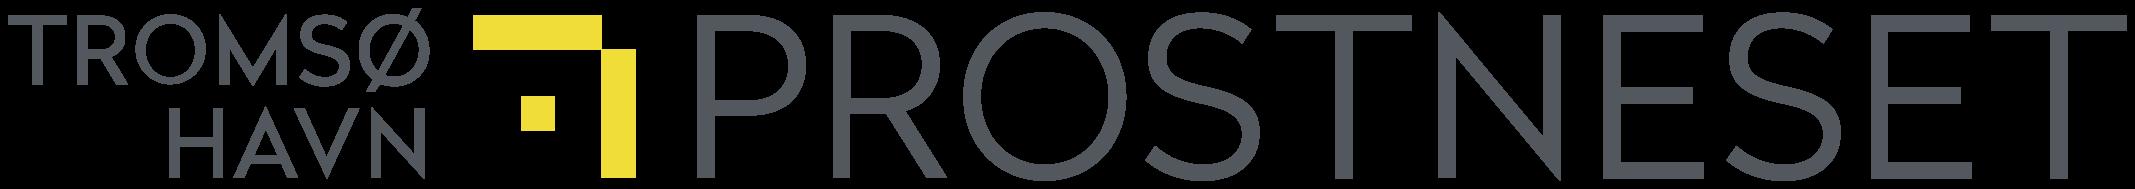 prostneset-logo_grå.png